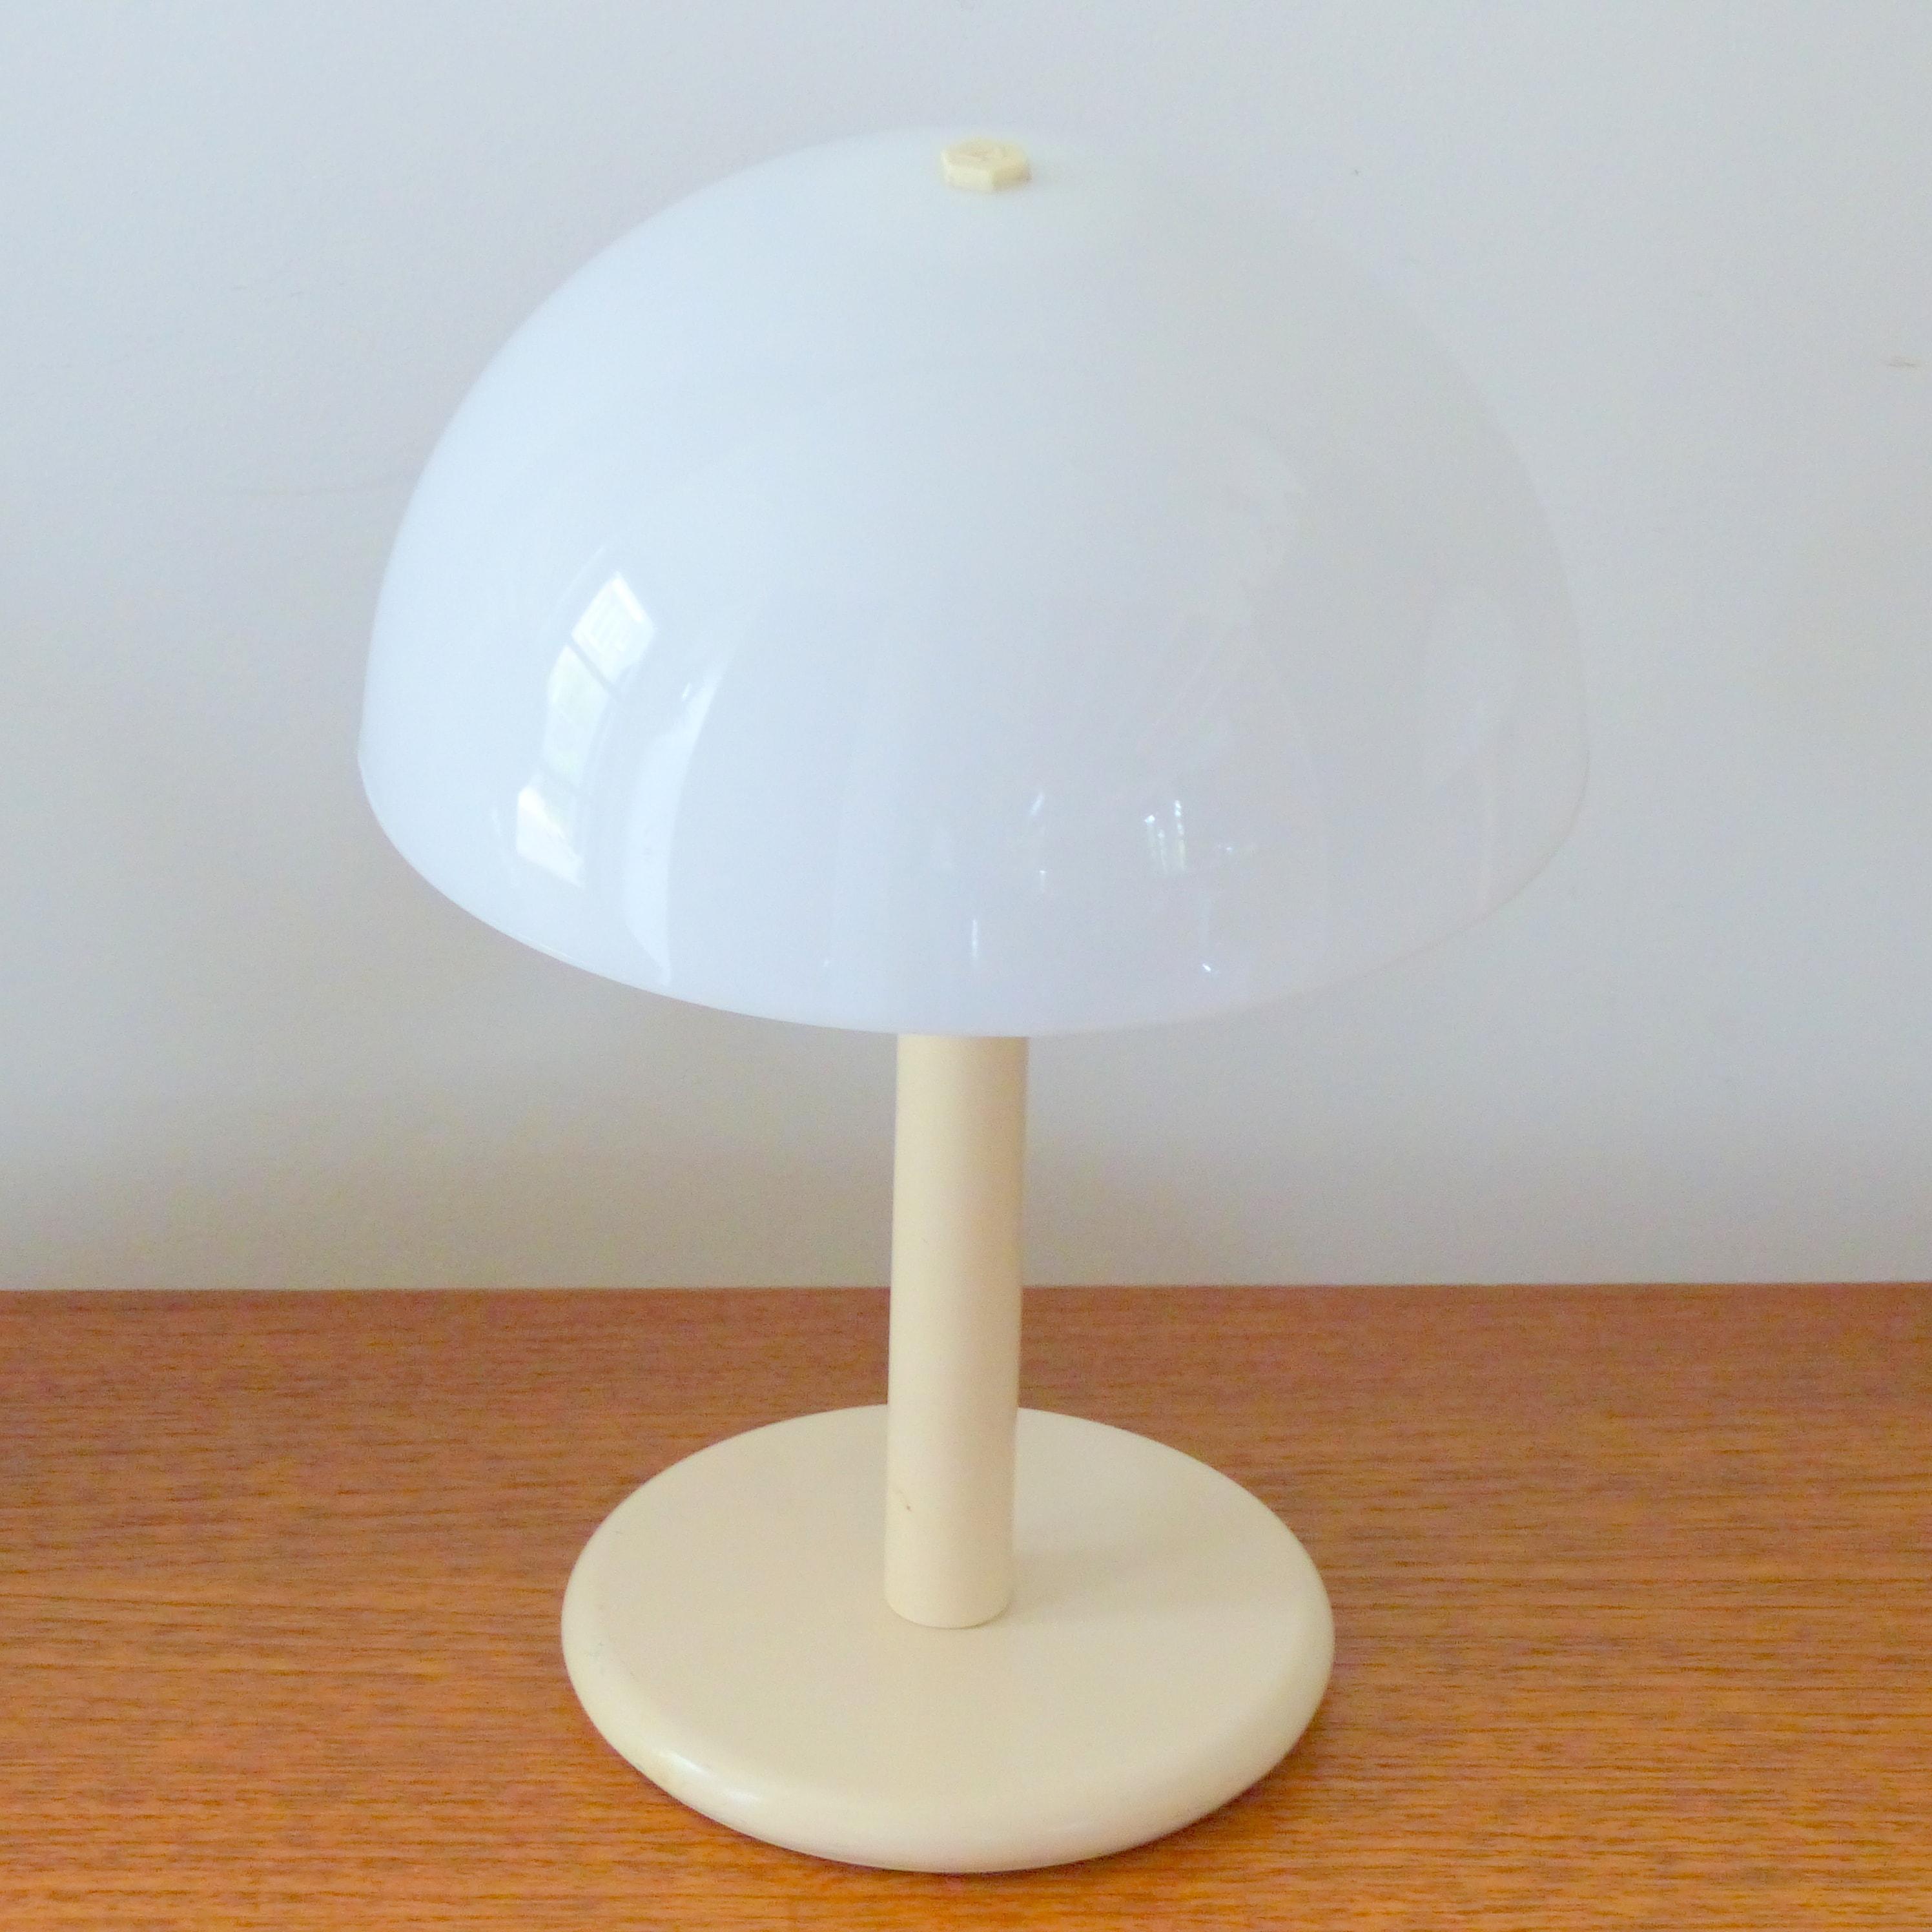 paire de lampes de chevet aluminor lignedebrocante brocante en ligne chine pour vous meubles. Black Bedroom Furniture Sets. Home Design Ideas